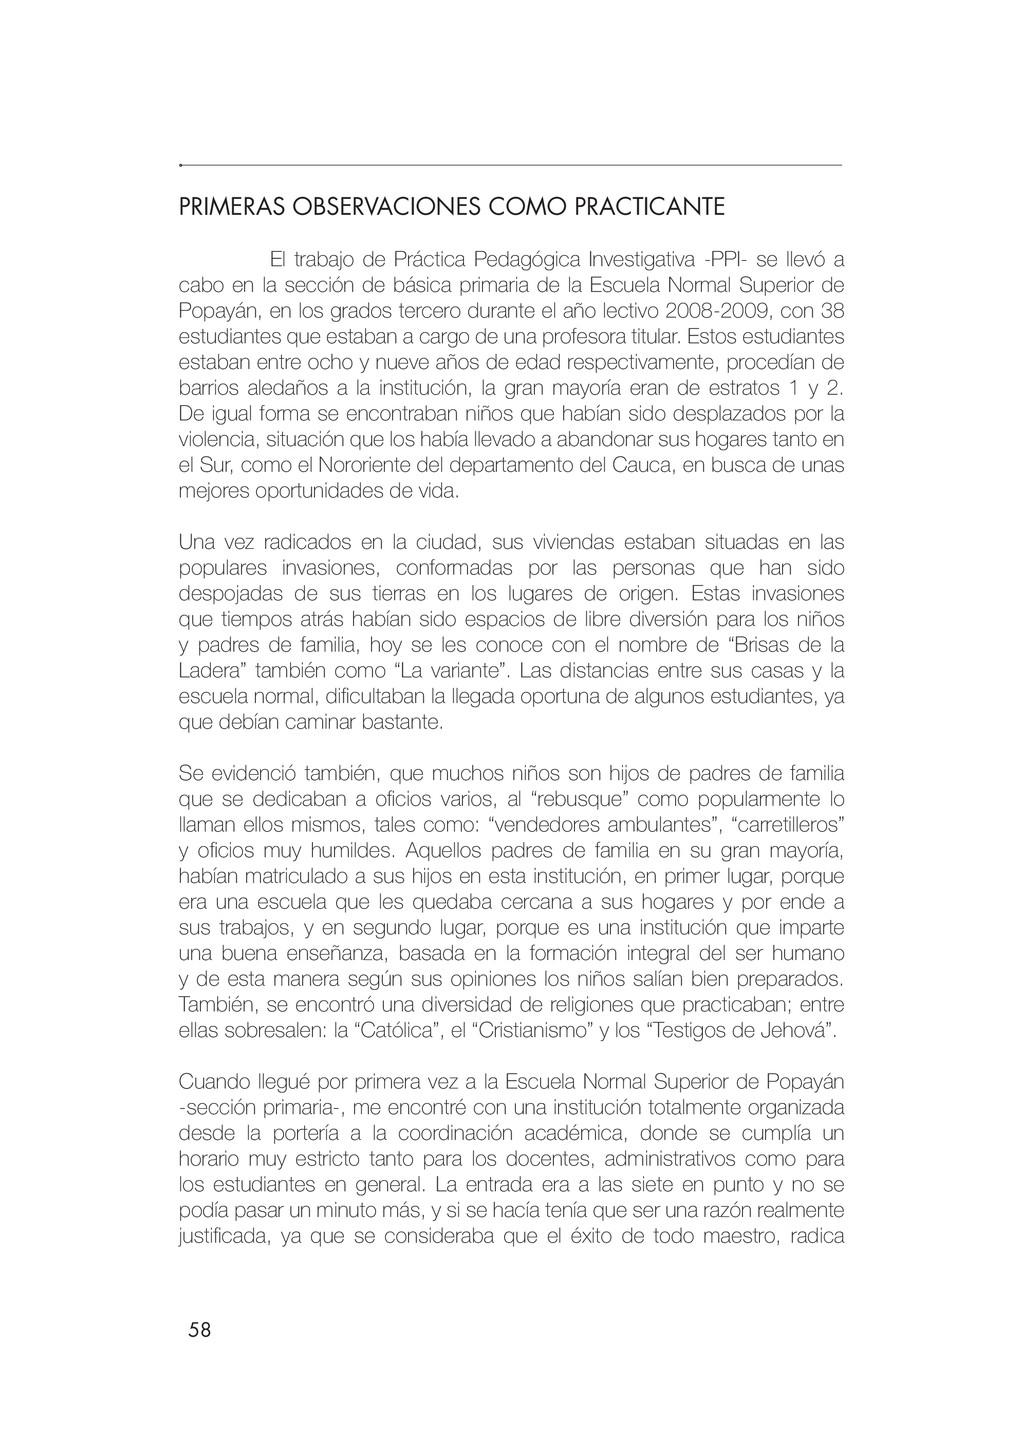 58 PRIMERAS OBSERVACIONES COMO PRACTICANTE El t...